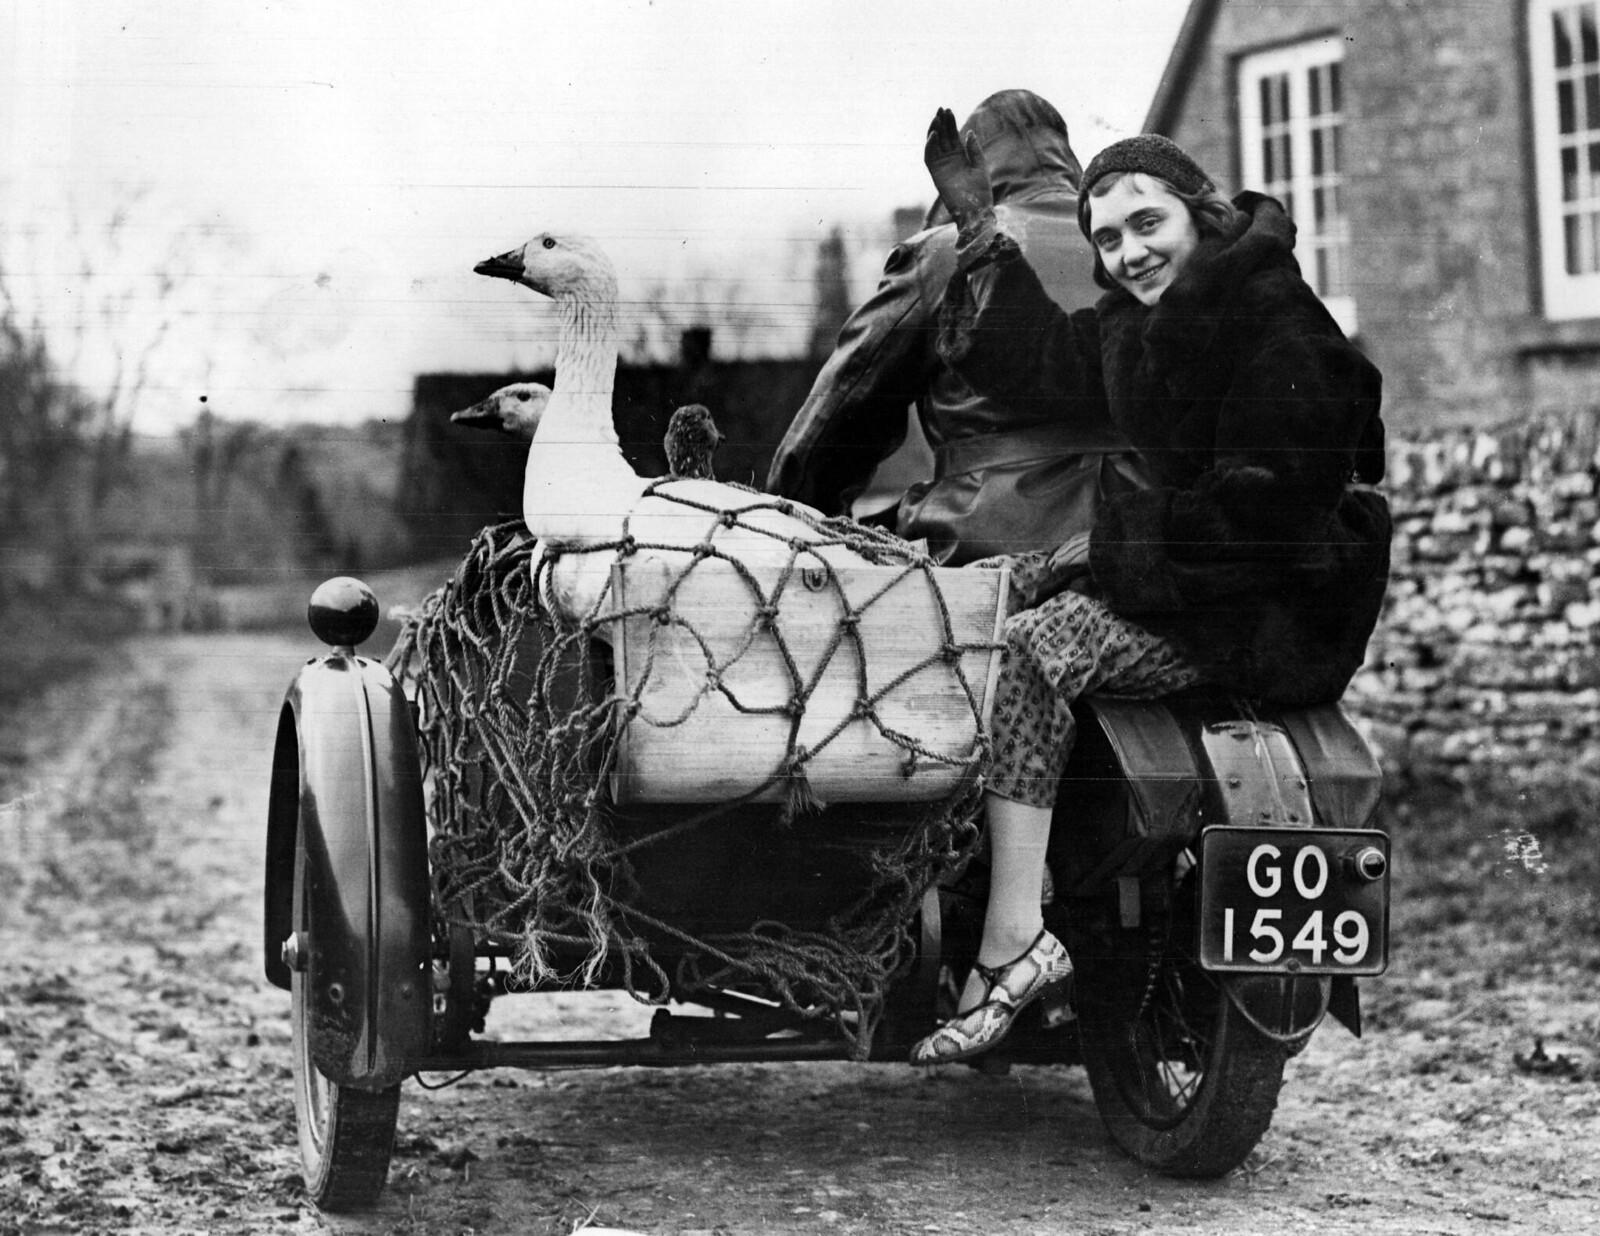 Гуси отправились в последний путь в окрестностях Челтнема. Для них это совсем не «веселая поездка», потому что они отправляются на рынок, а их конечный пункт назначения - рождественский обеденный стол. 19 декабря